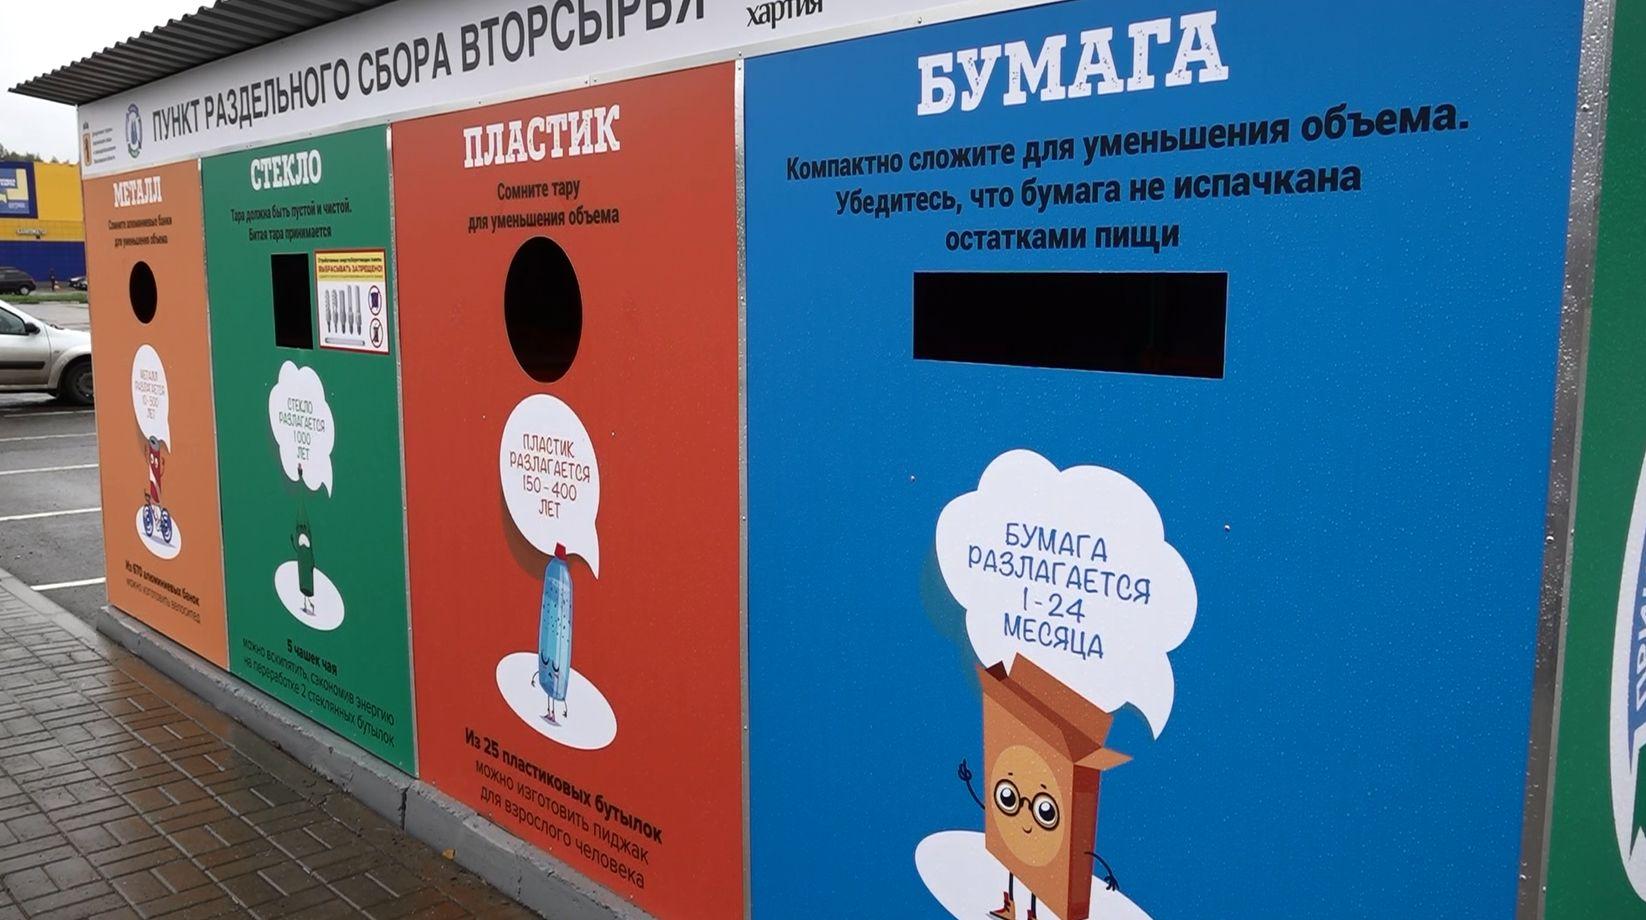 Ярославская область входит в число лидеров по реализации программы раздельного сбора мусора